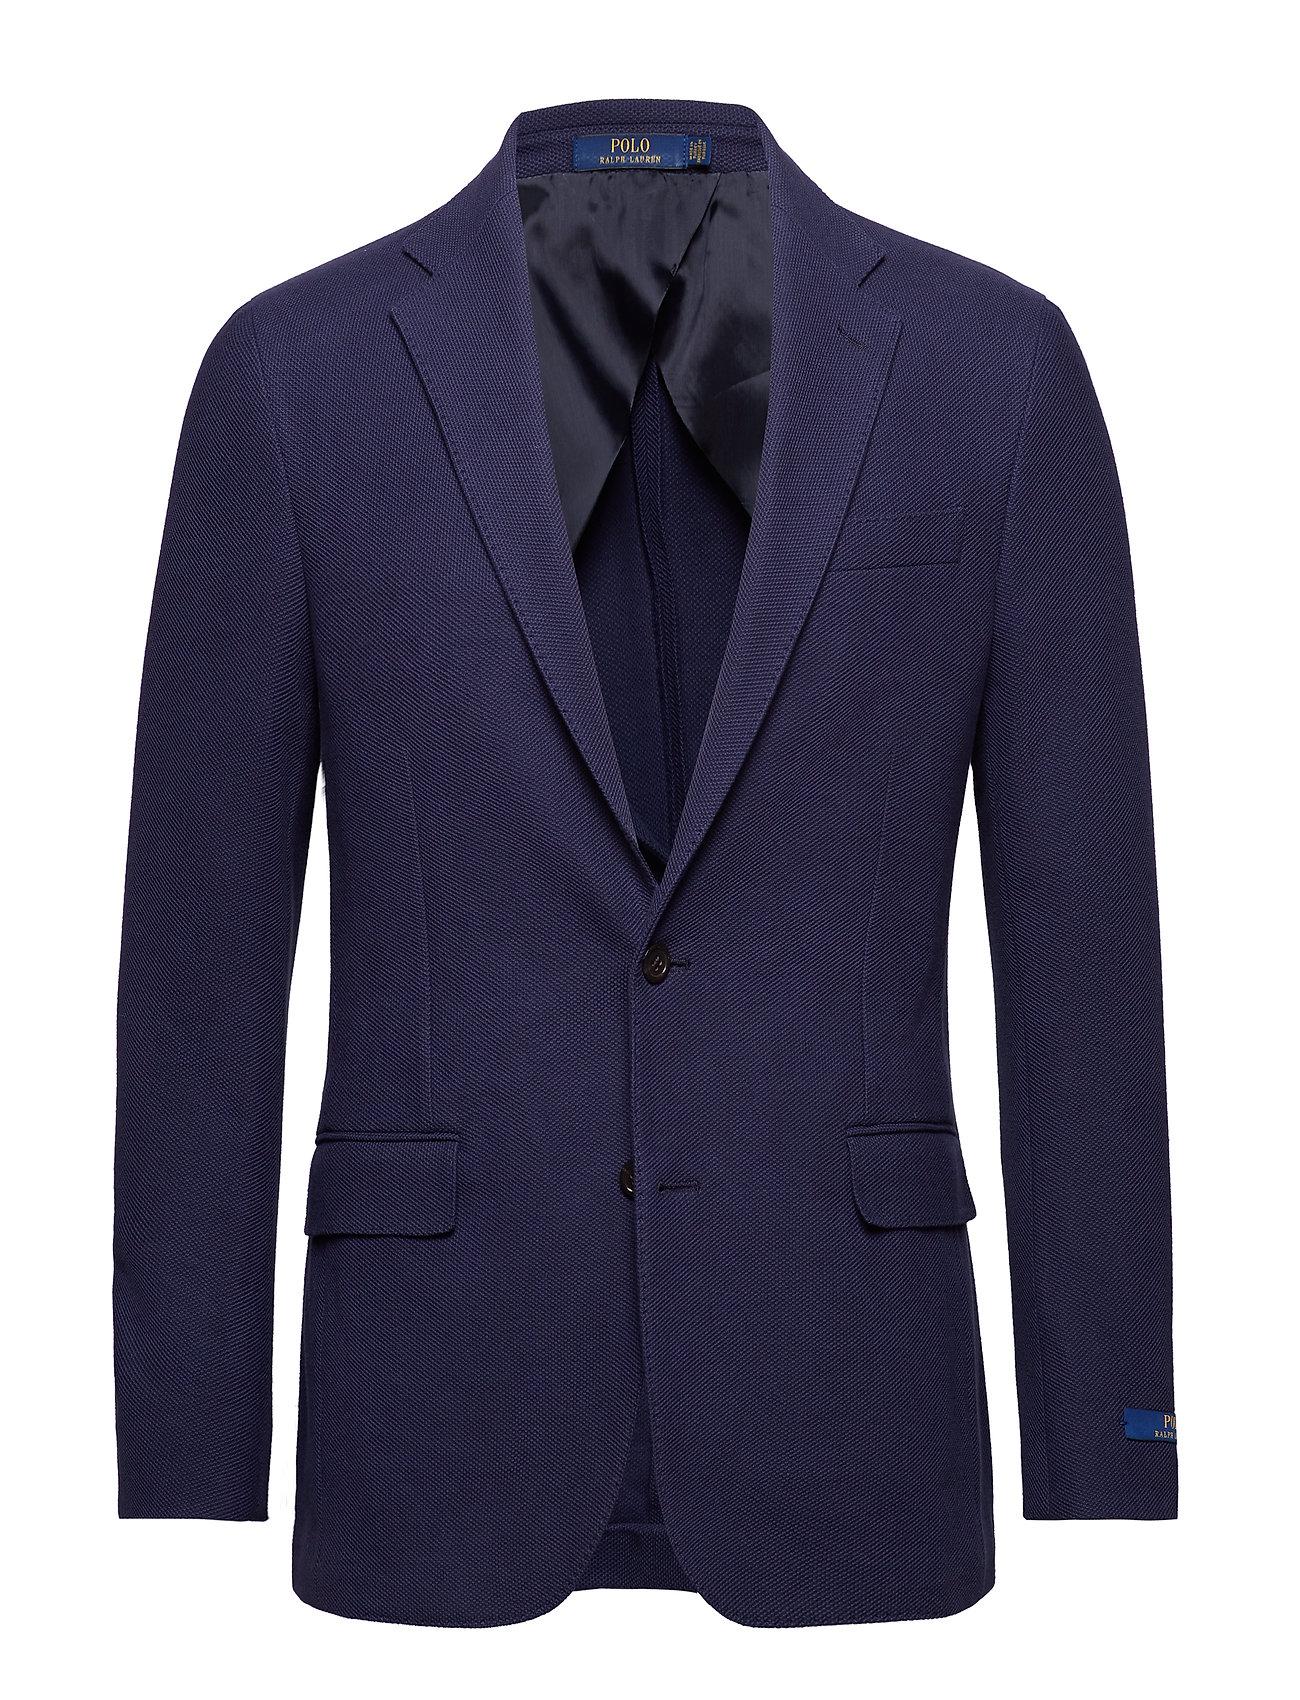 Polo Ralph Lauren Morgan Cotton Pique Blazer